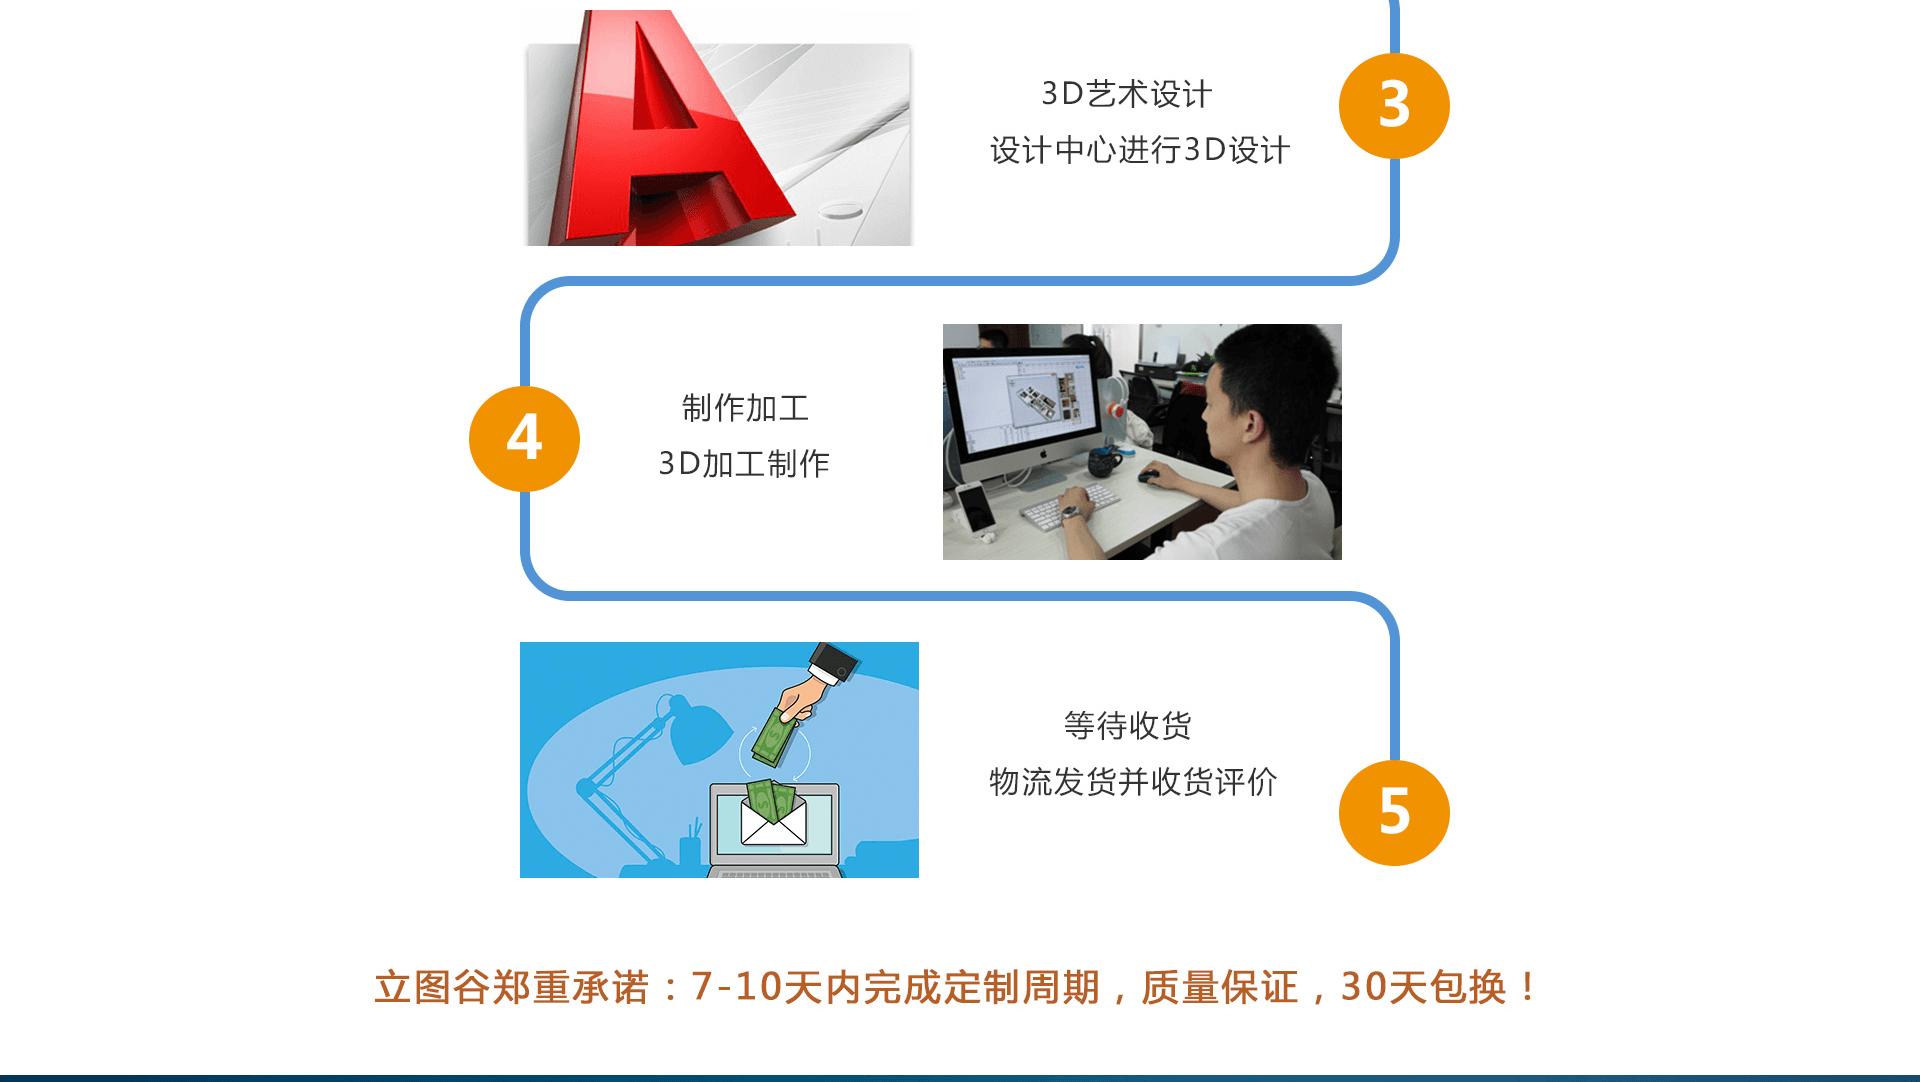 """立图谷""""沃3D肖像""""定制3D个性图像,高清裸眼3D产品与技术服务"""